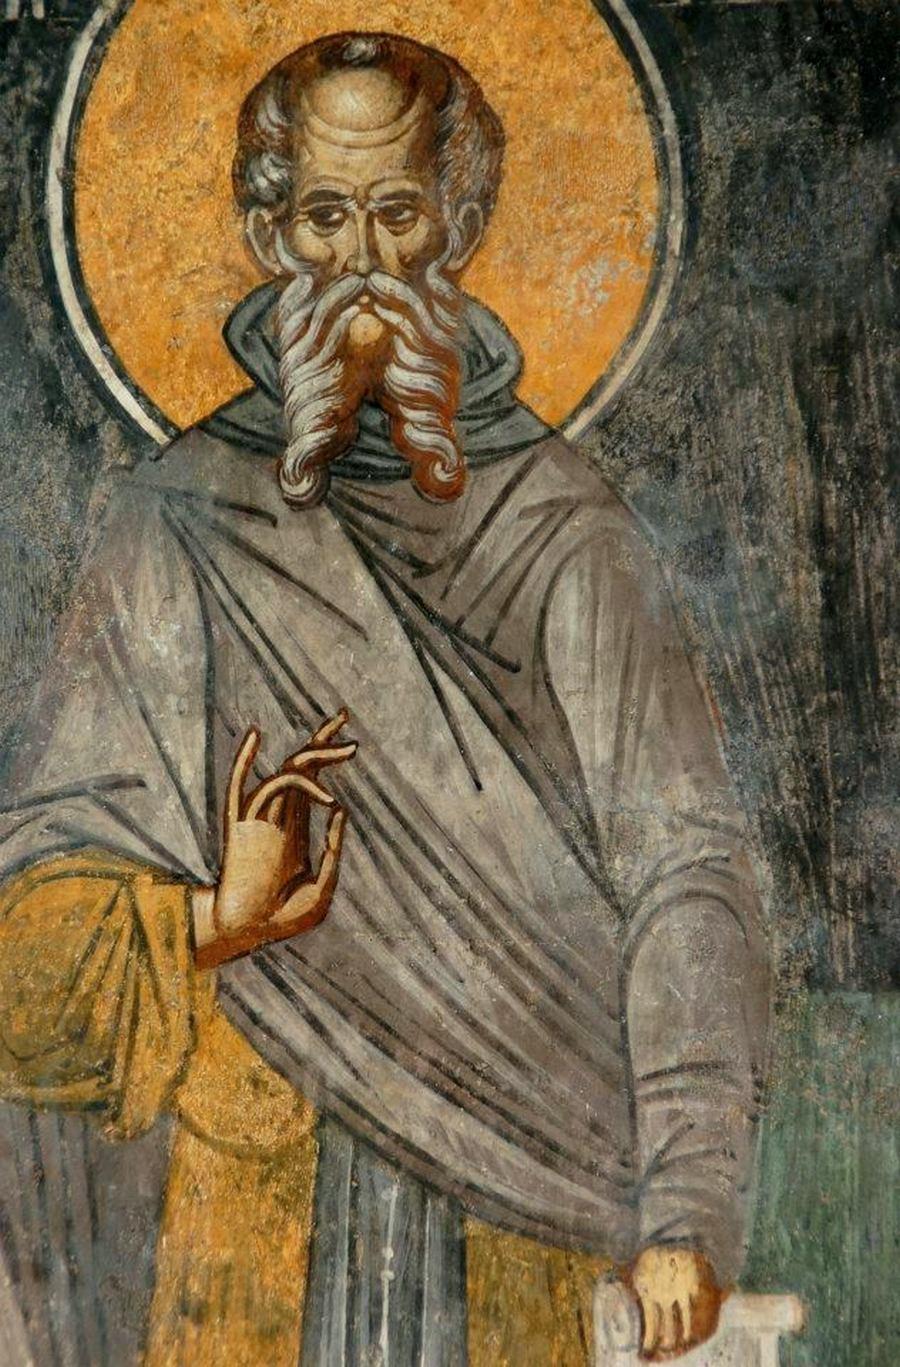 Святой Преподобный Савва Освященный. Фреска монастыря Бистрица, Румыния. Около 1495 года.